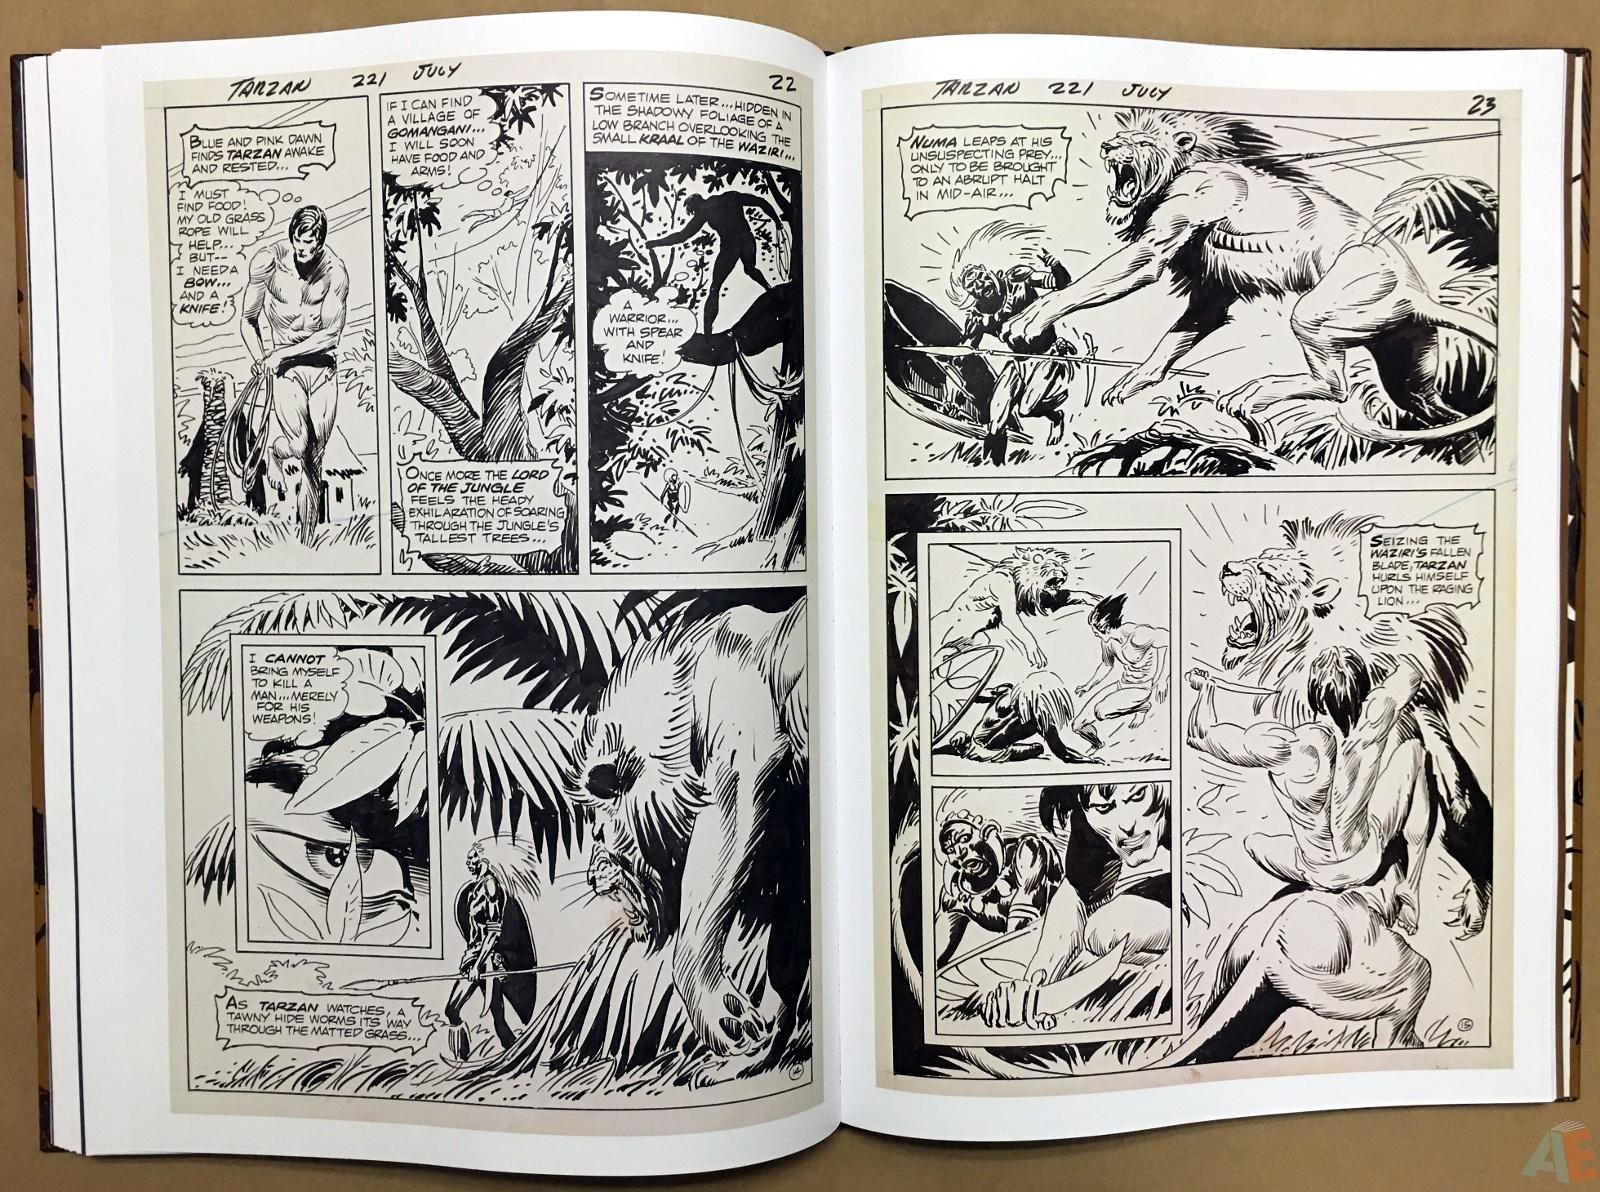 Joe Kubert's The Return Of Tarzan Artist's Edition 38